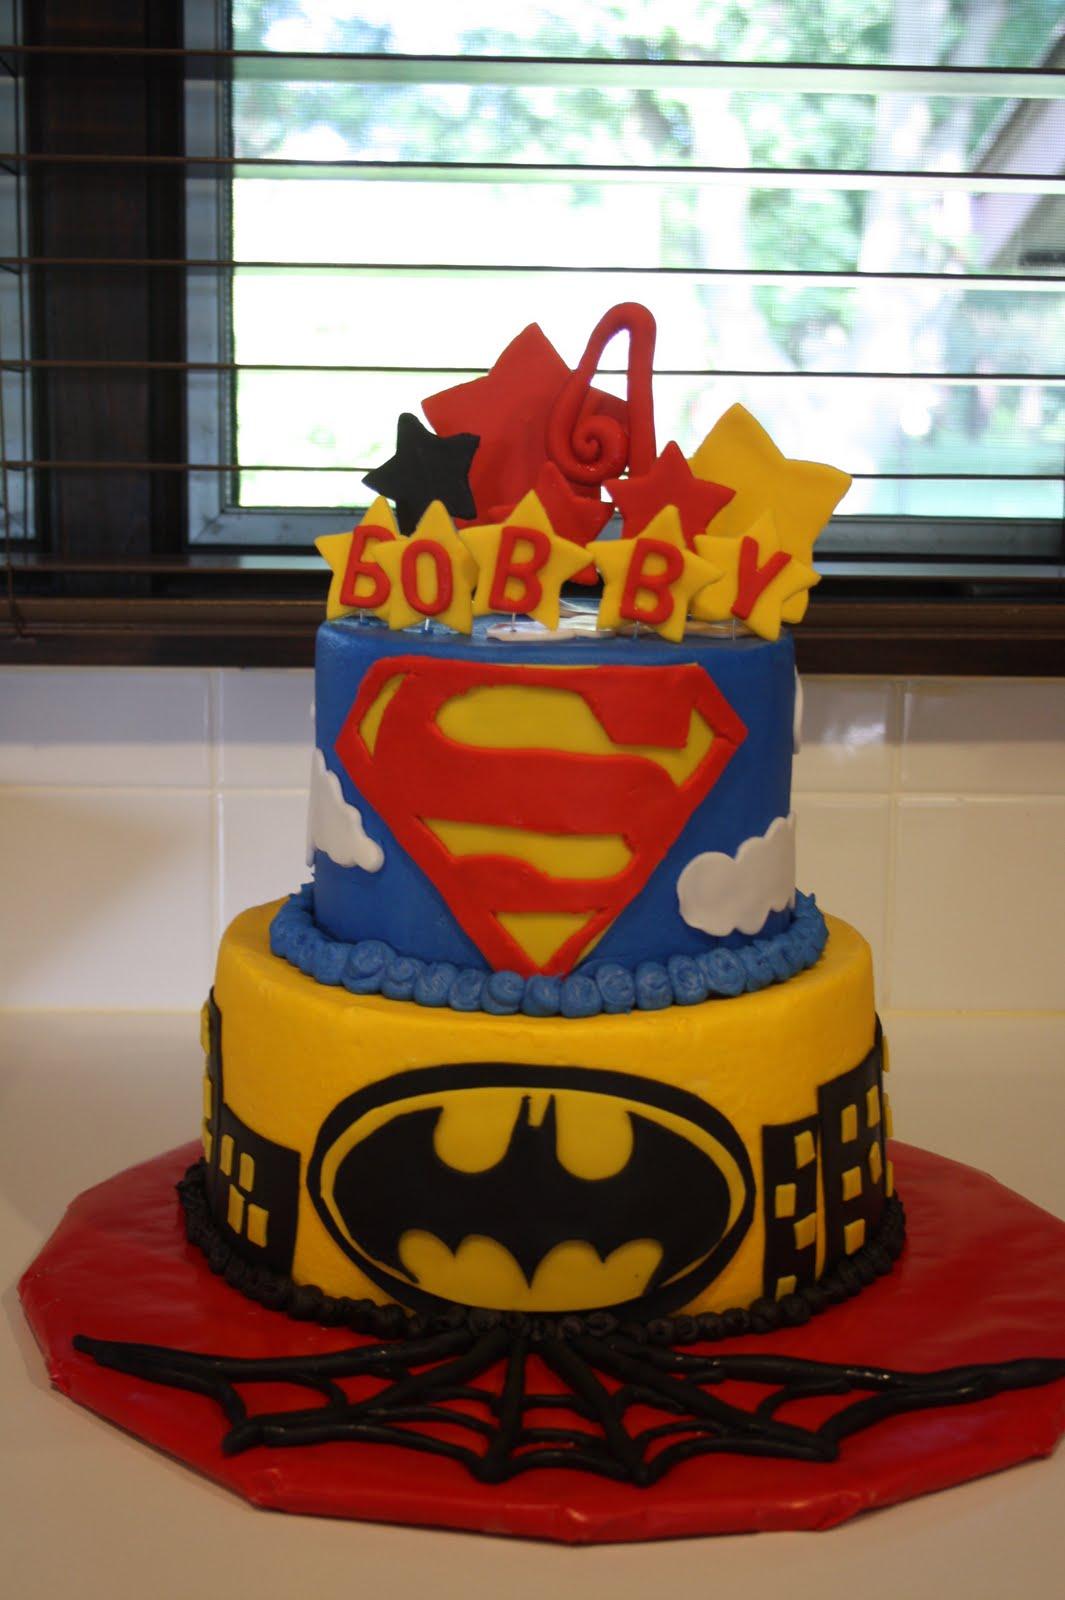 Superhero Birthday Cake - CakeCentral.com  |Superhero Cakes